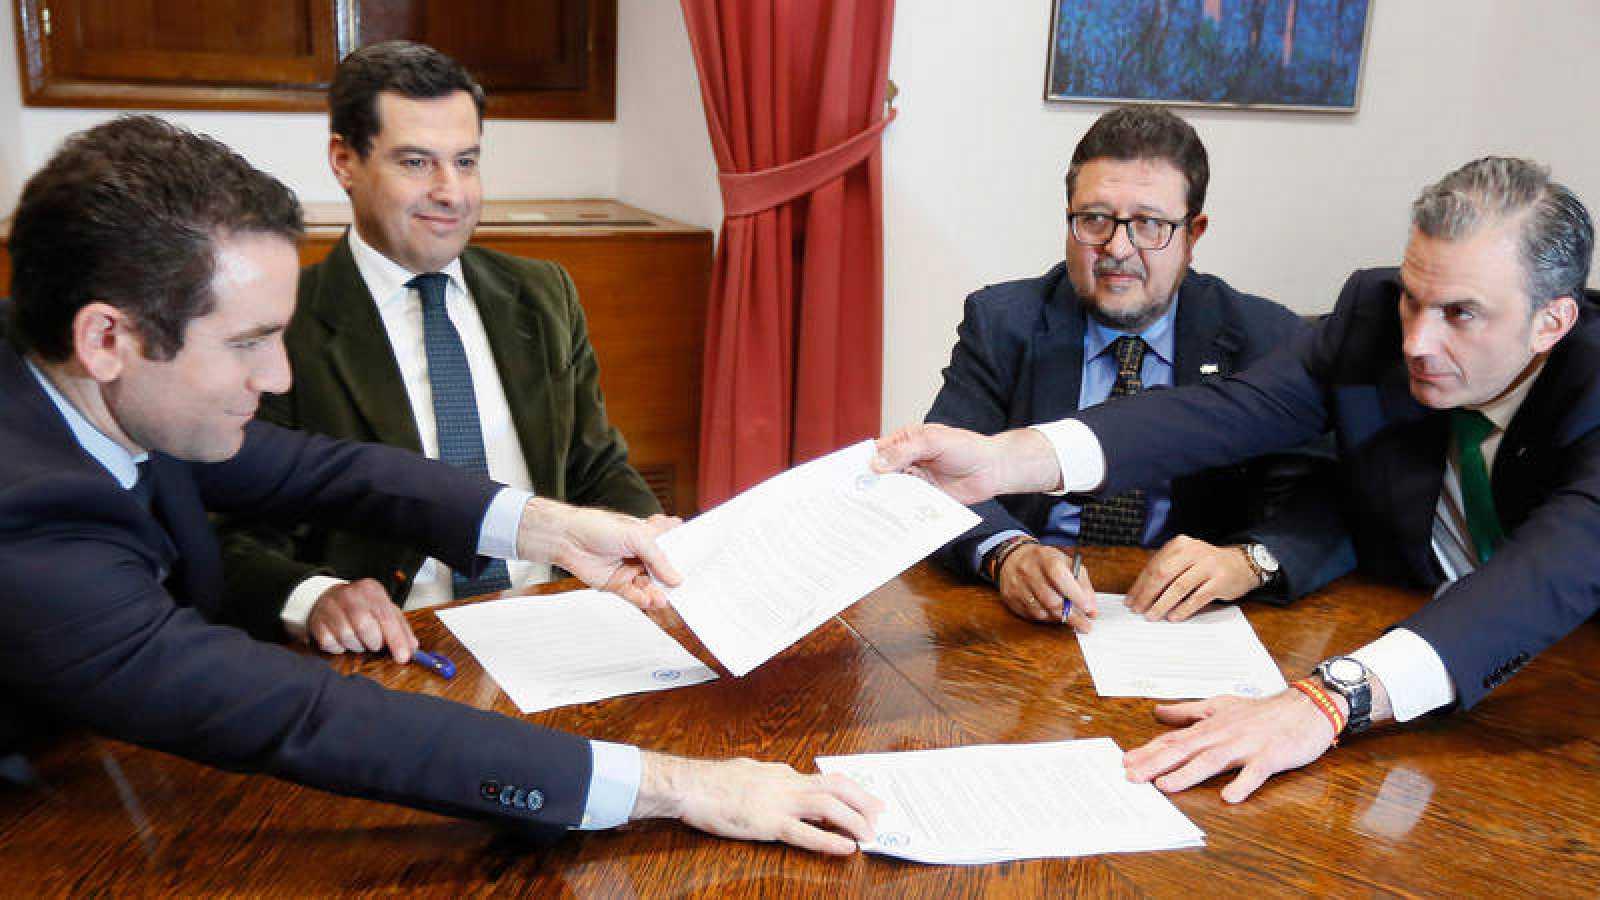 Los secretarios generales del PP, Teodoro García Egea (i), y de Vox, Francisco Javier Ortega Smith (d), intercambian unos documentos en presencia de los líderes andaluces del PP, Juanma Moreno (2i) y de Vox, Francisco Serrano